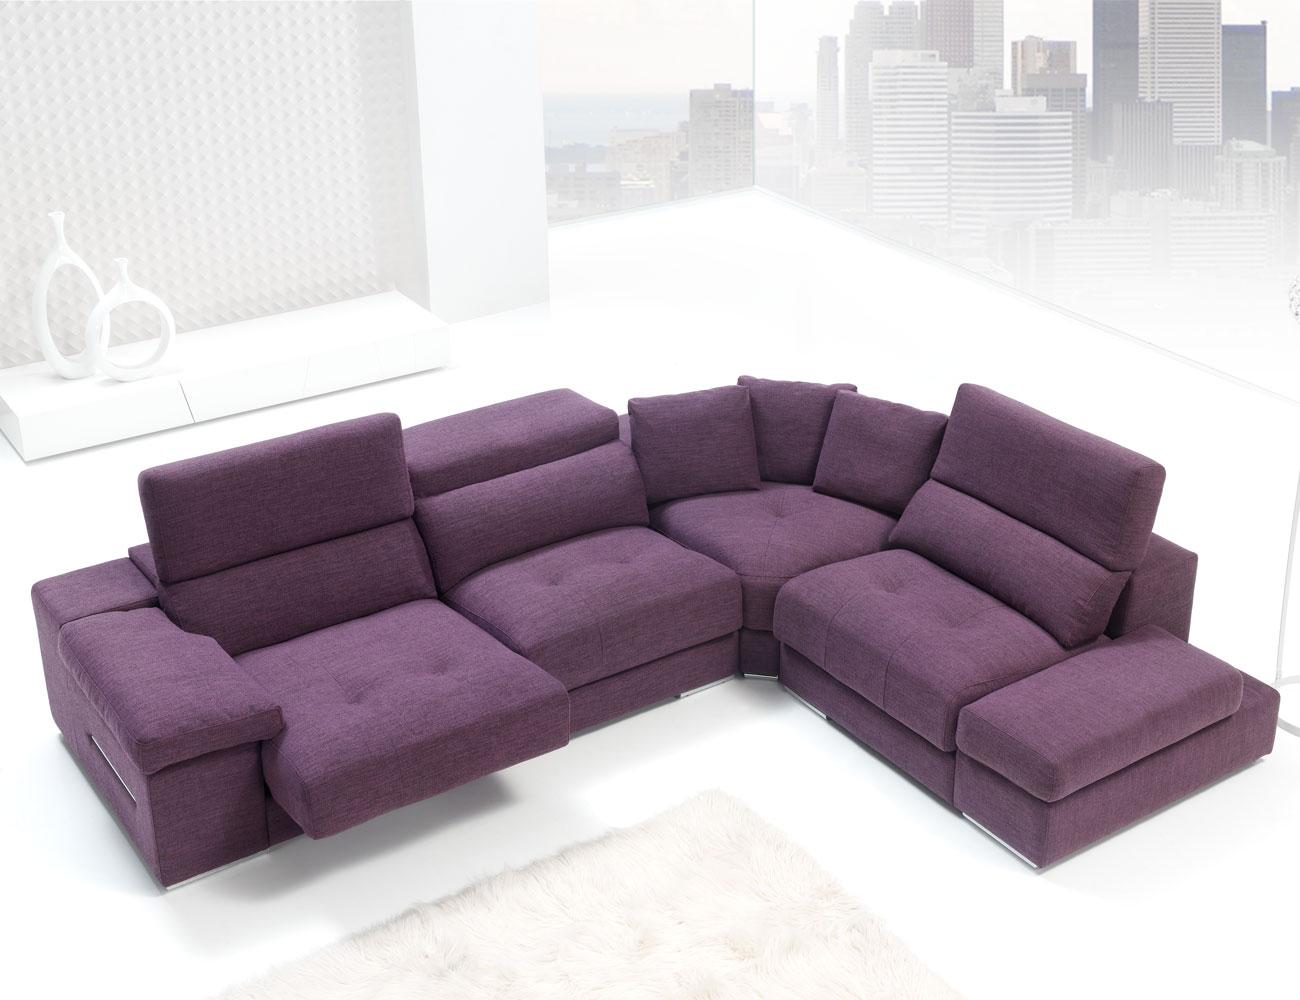 Sofa chaiselongue rincon con brazo mecanico tejido anti manchas 227